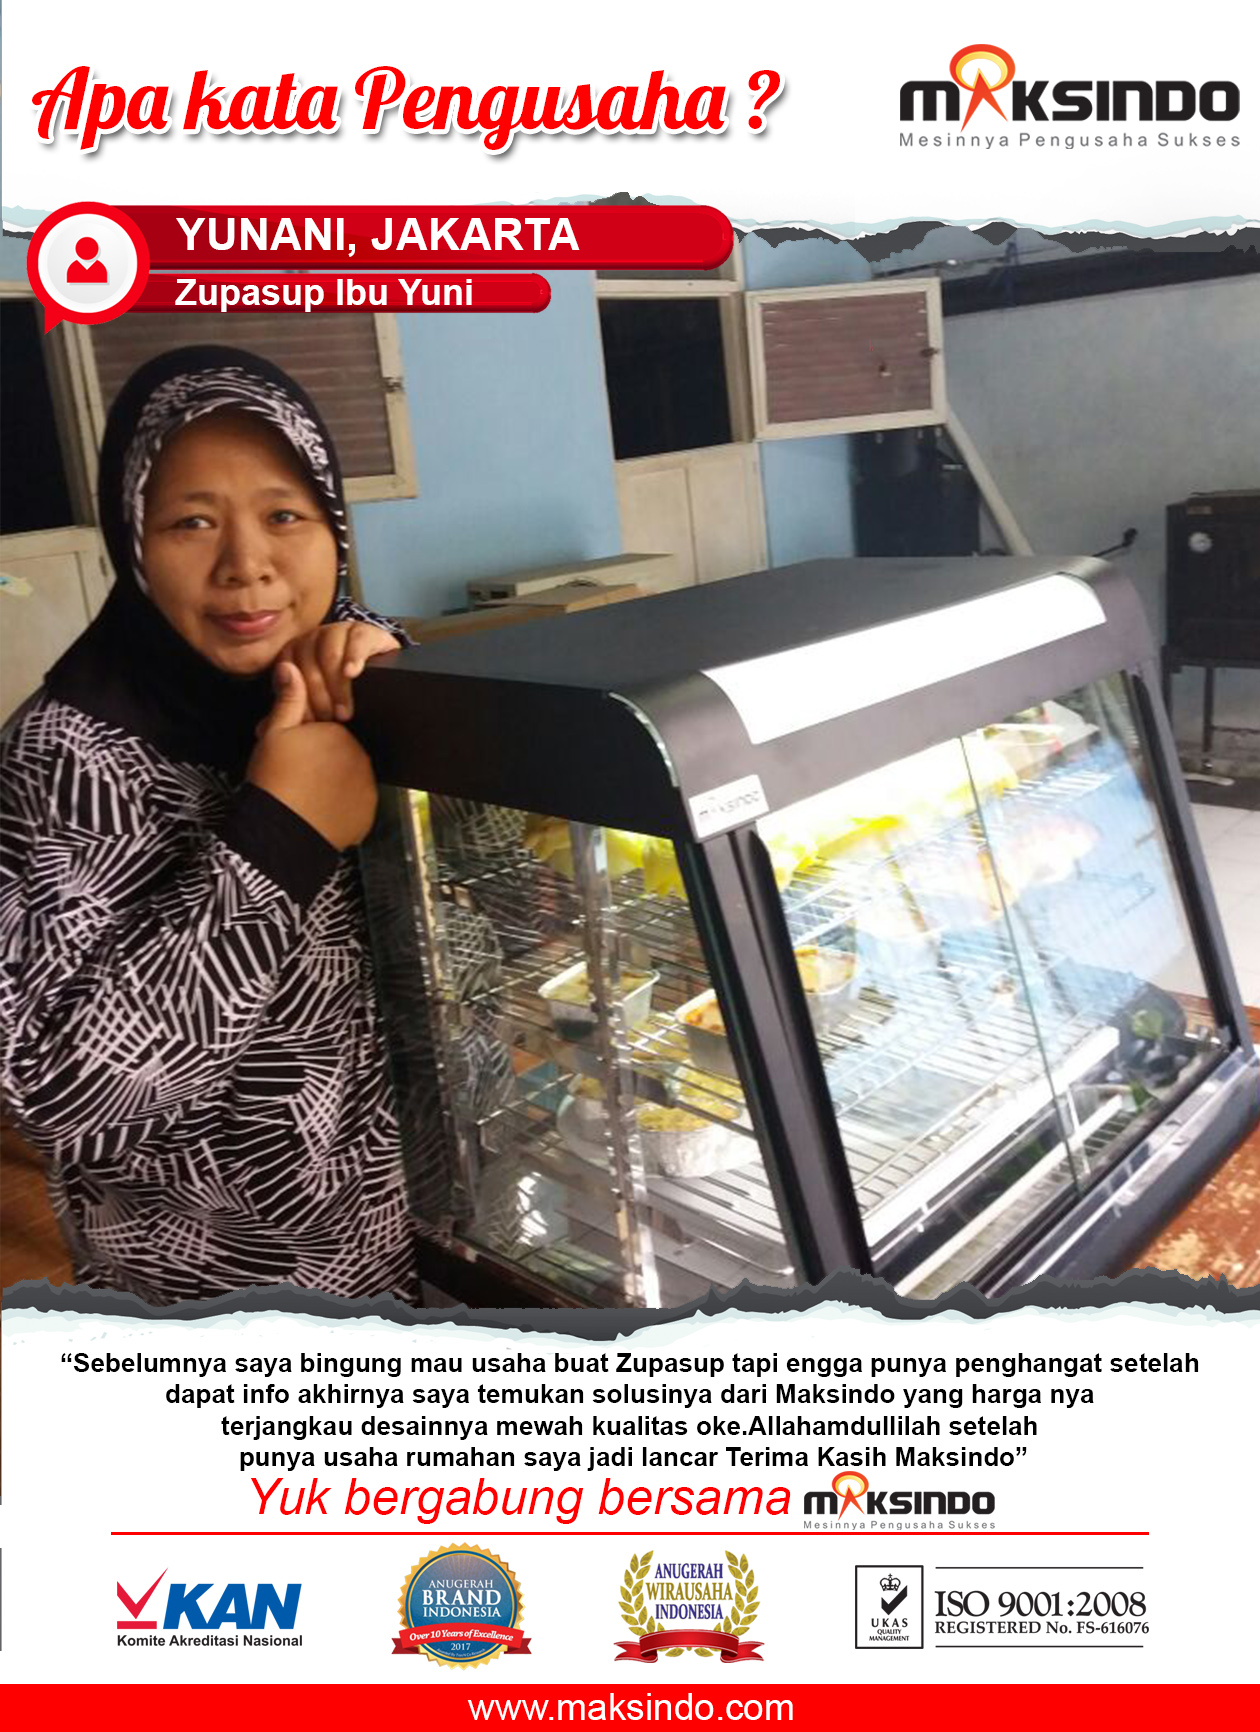 Zupasup Ibu Yuni: Usaha Rumahan Saya Menjadi Lancar Setelah Menemukan Mesin Penghangat Maksindo